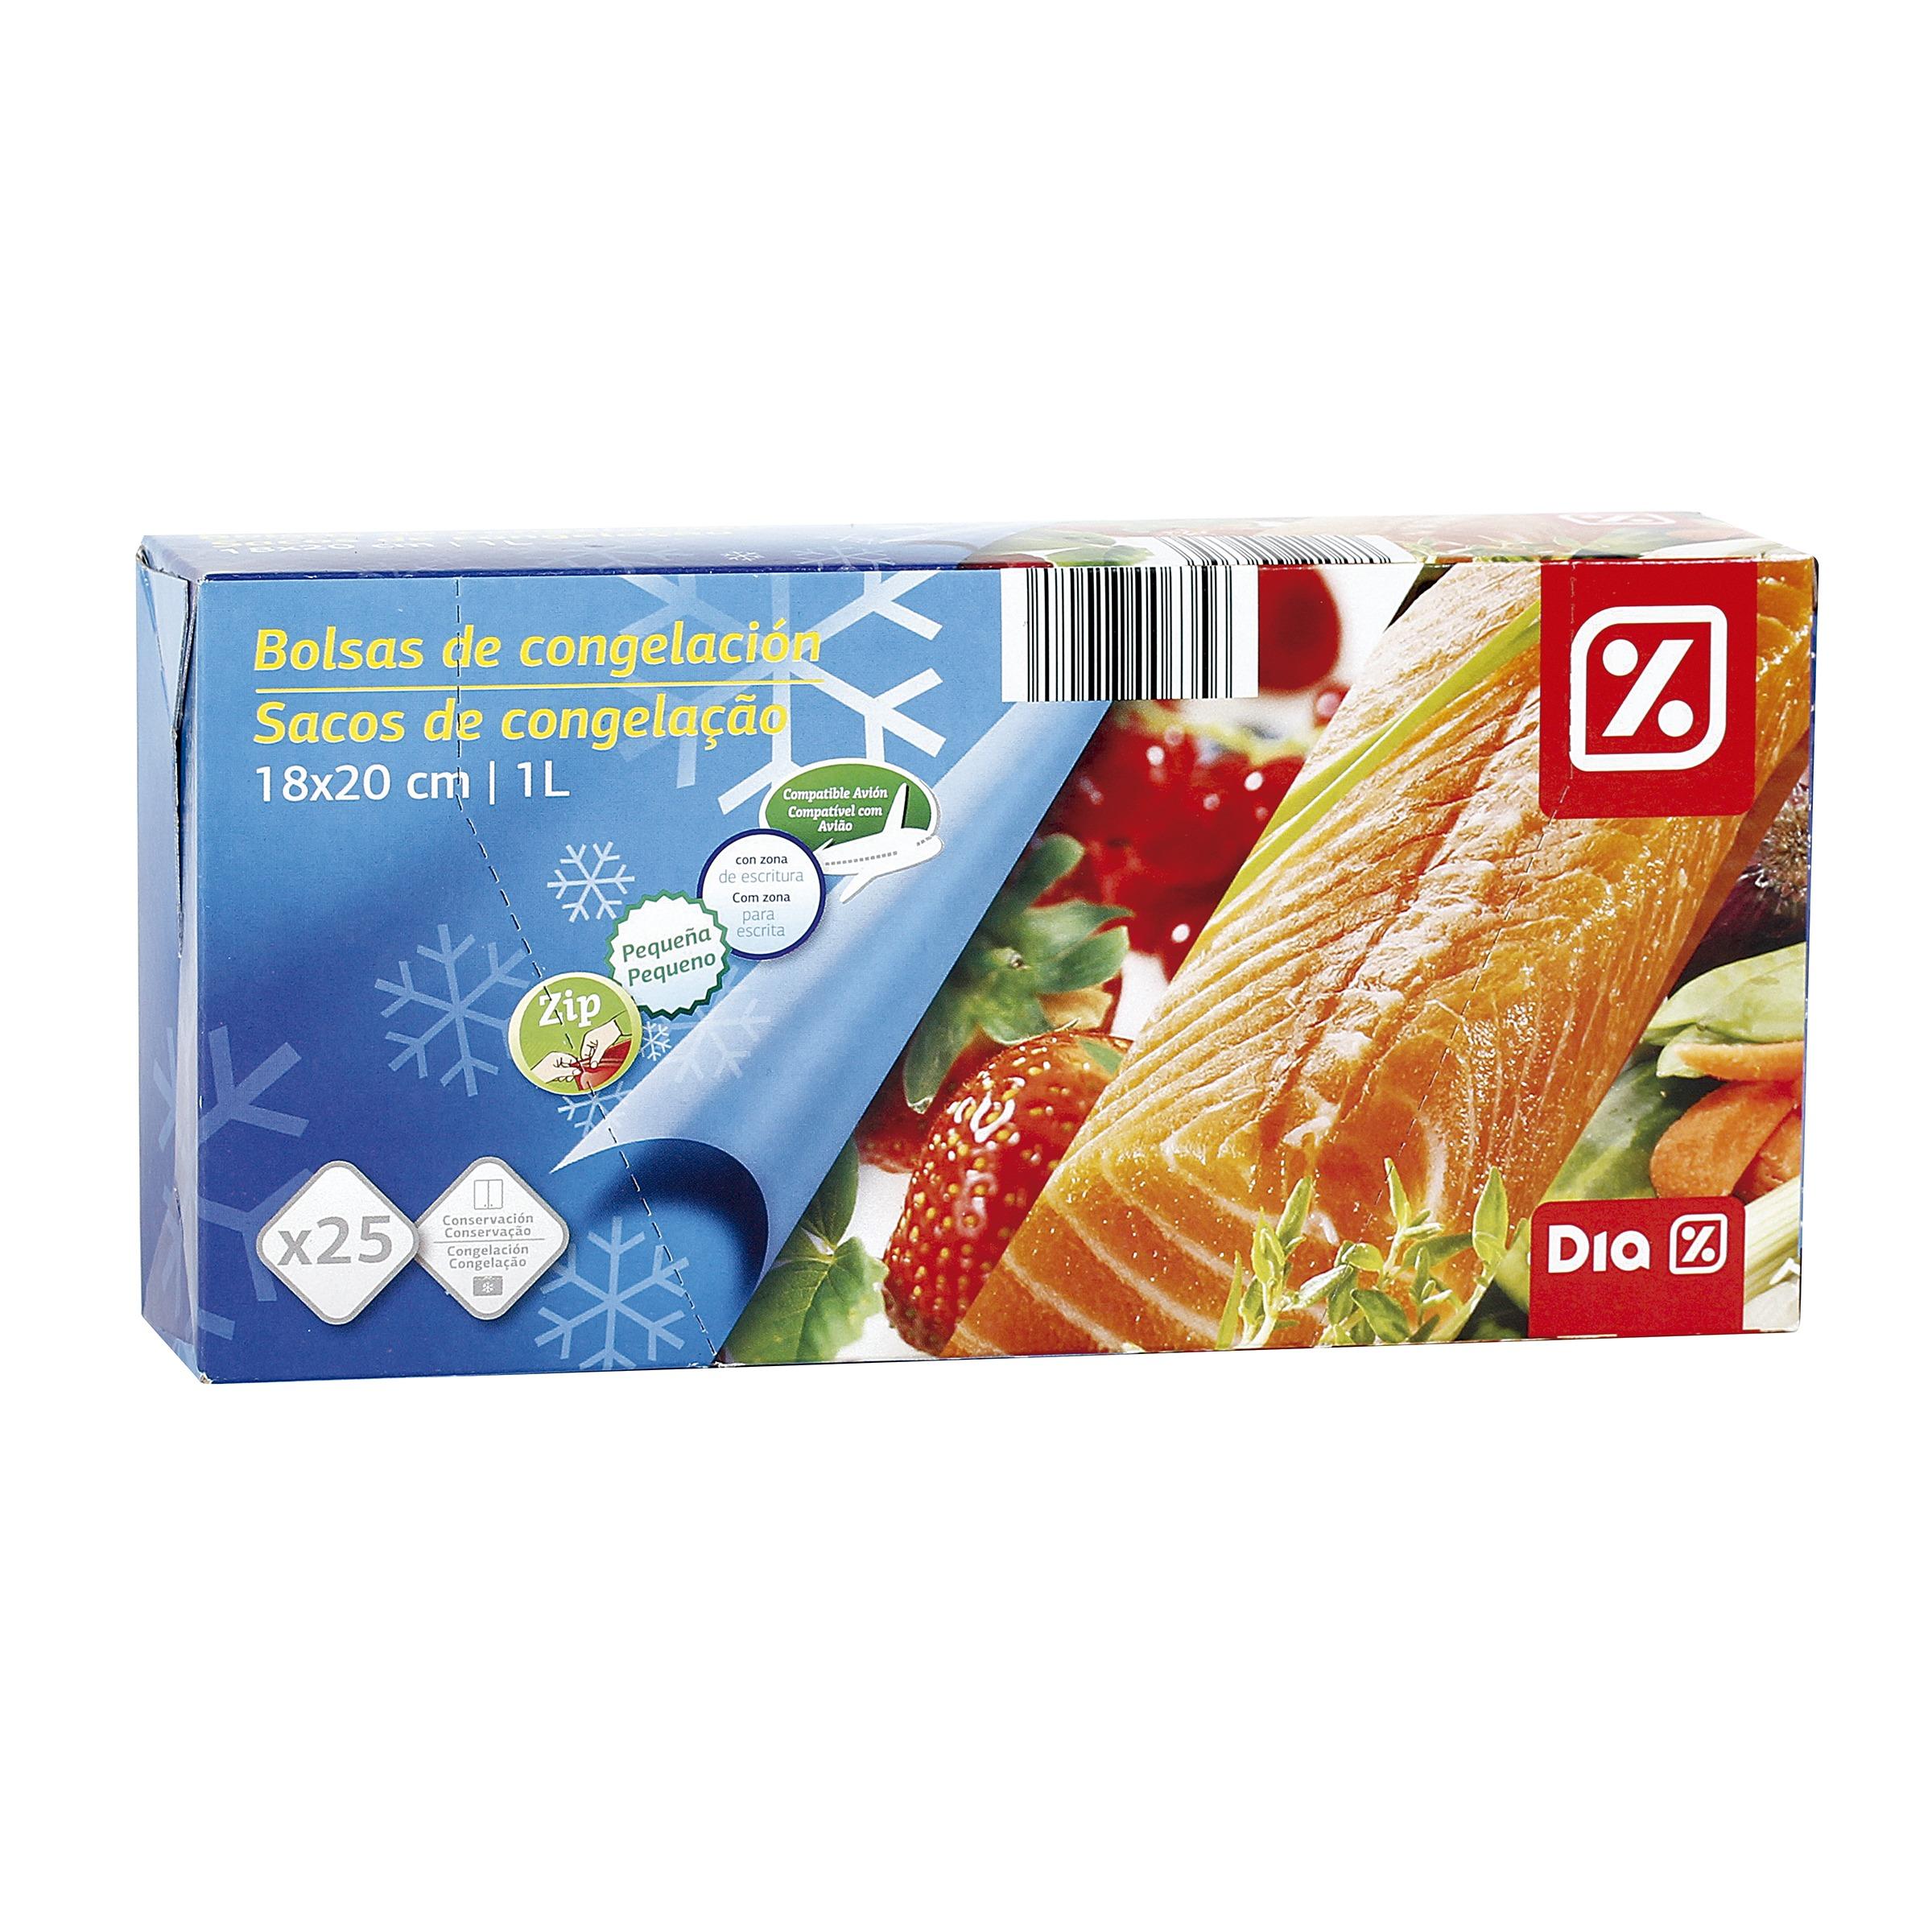 Dia bolsas de congelaci n zip peque a paquete 25 uds - Bolsas congelacion ...